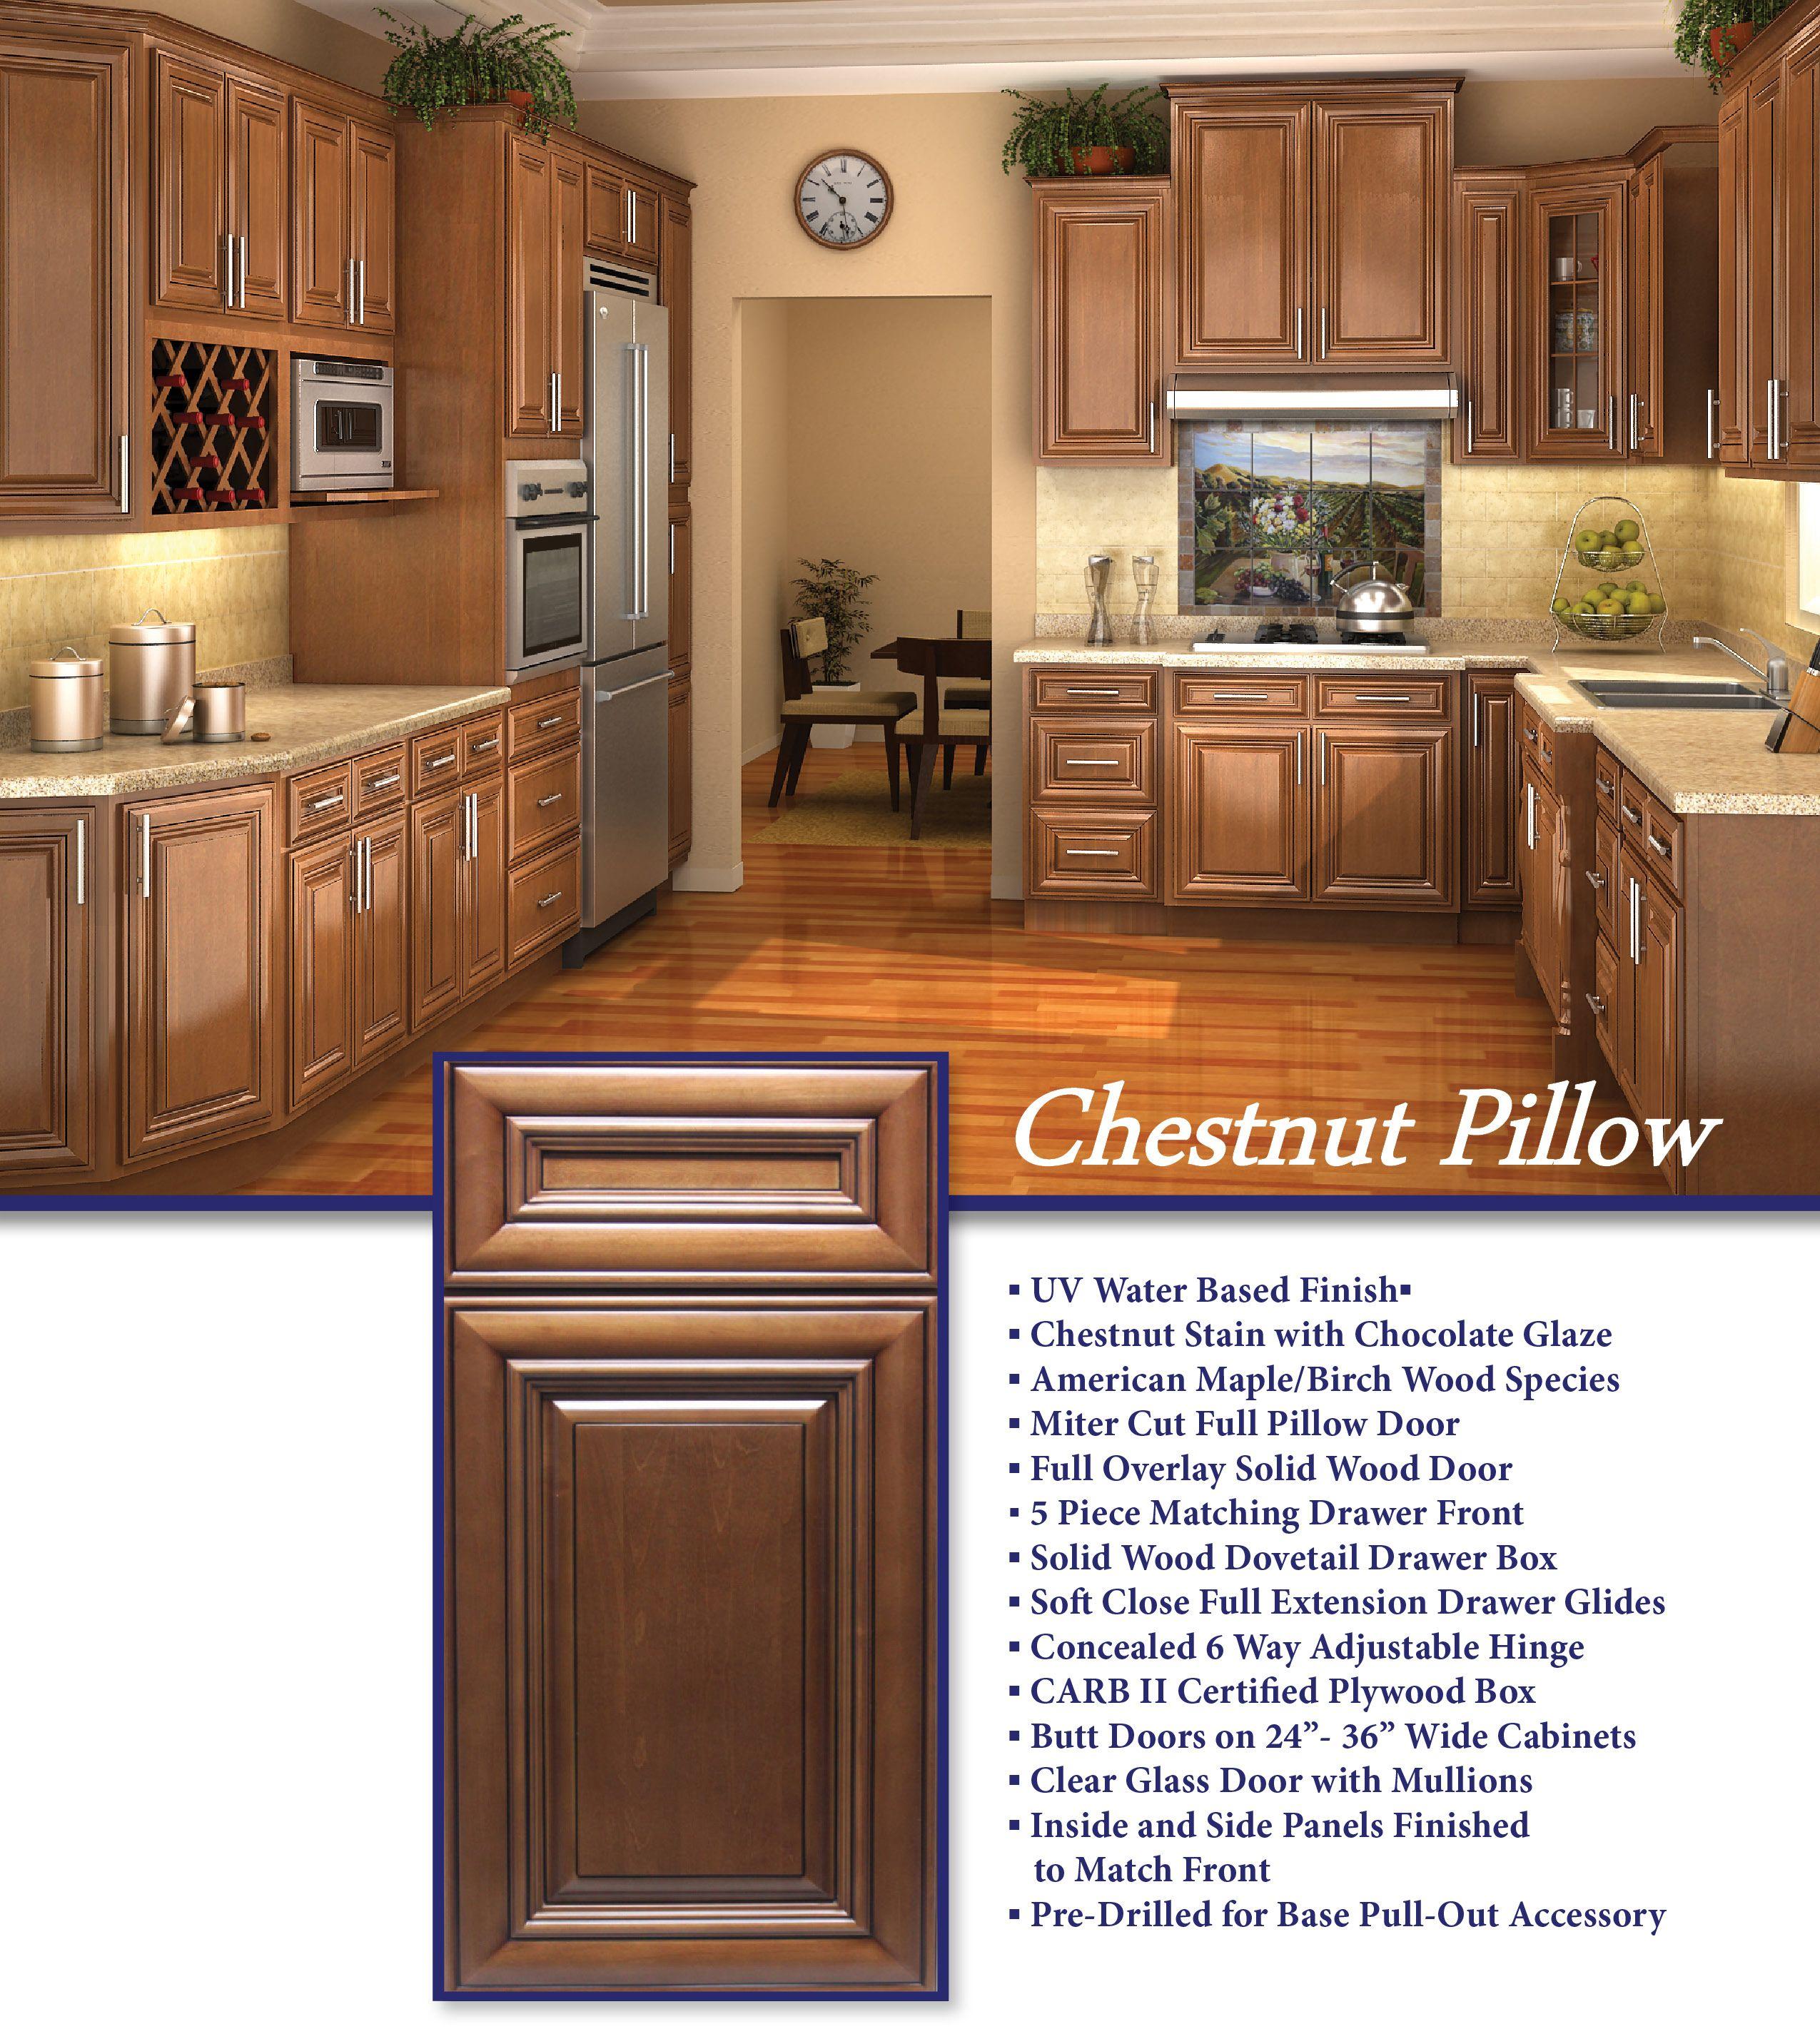 Iks Chestnut Pillow Chestnut Kitchen Cabinets Kitchen Cabinets Chestnut Kitchen